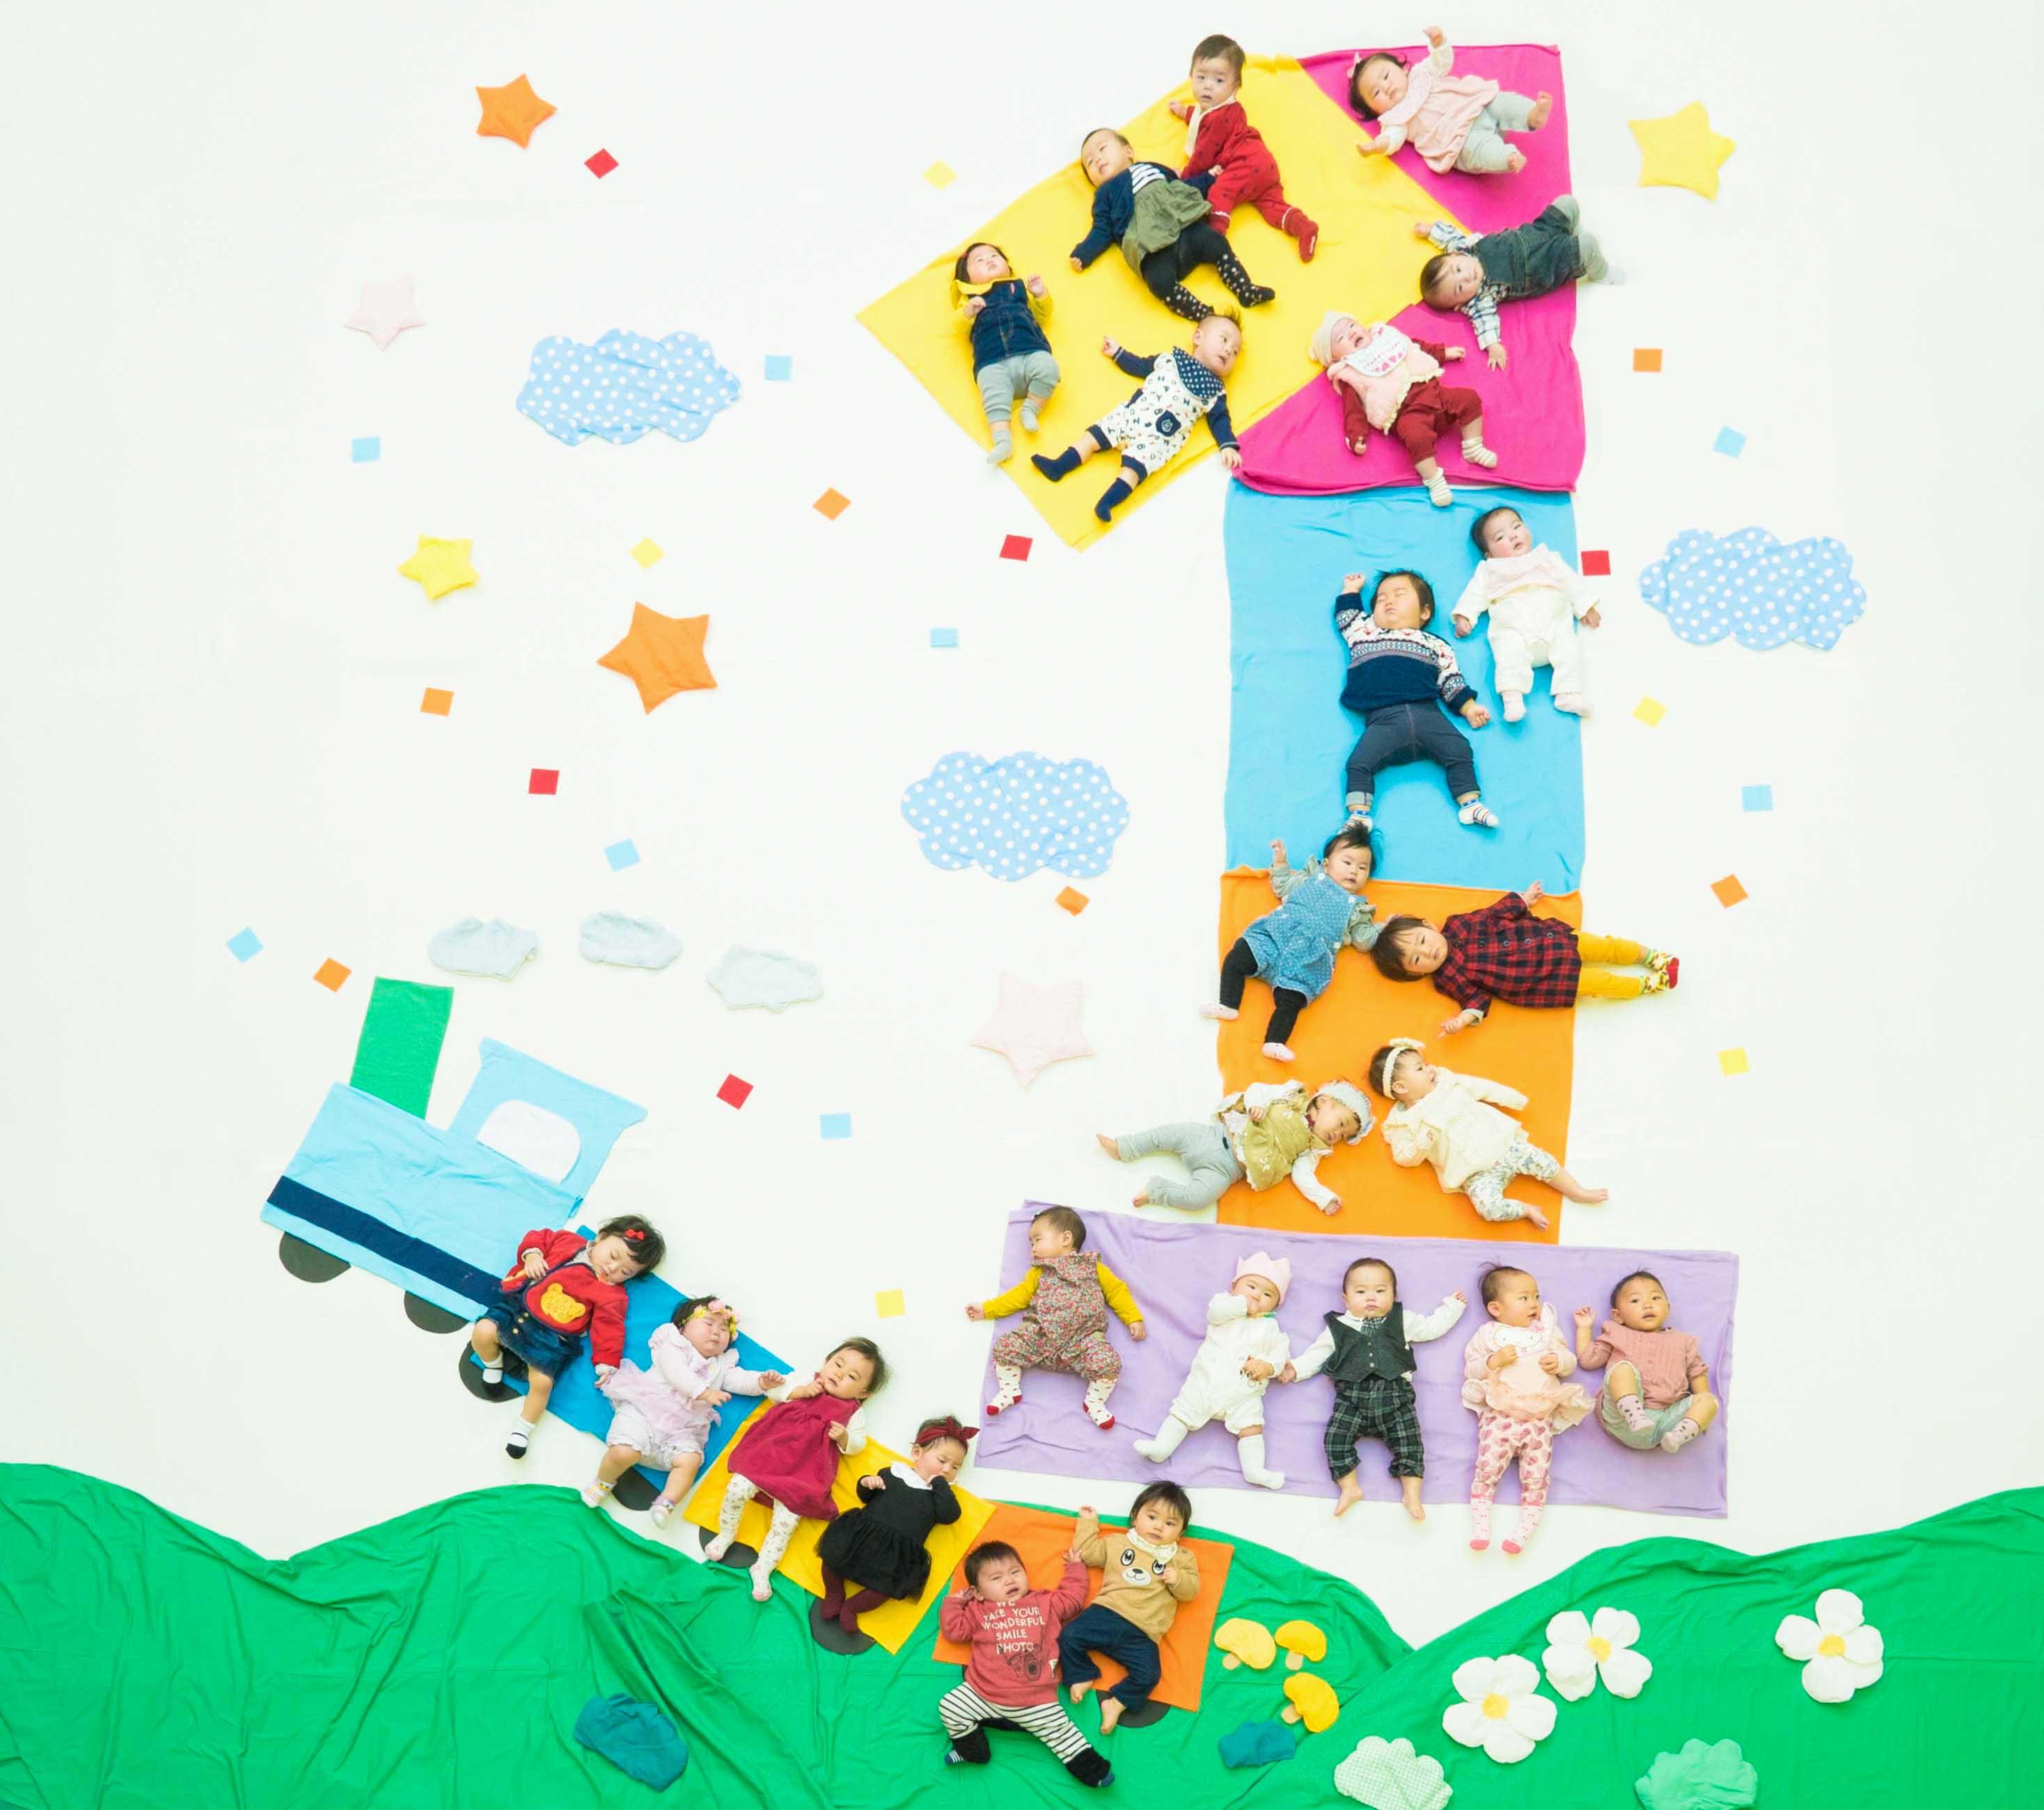 八王子市政100周年記念!!100人おひるねアートチャレンジ